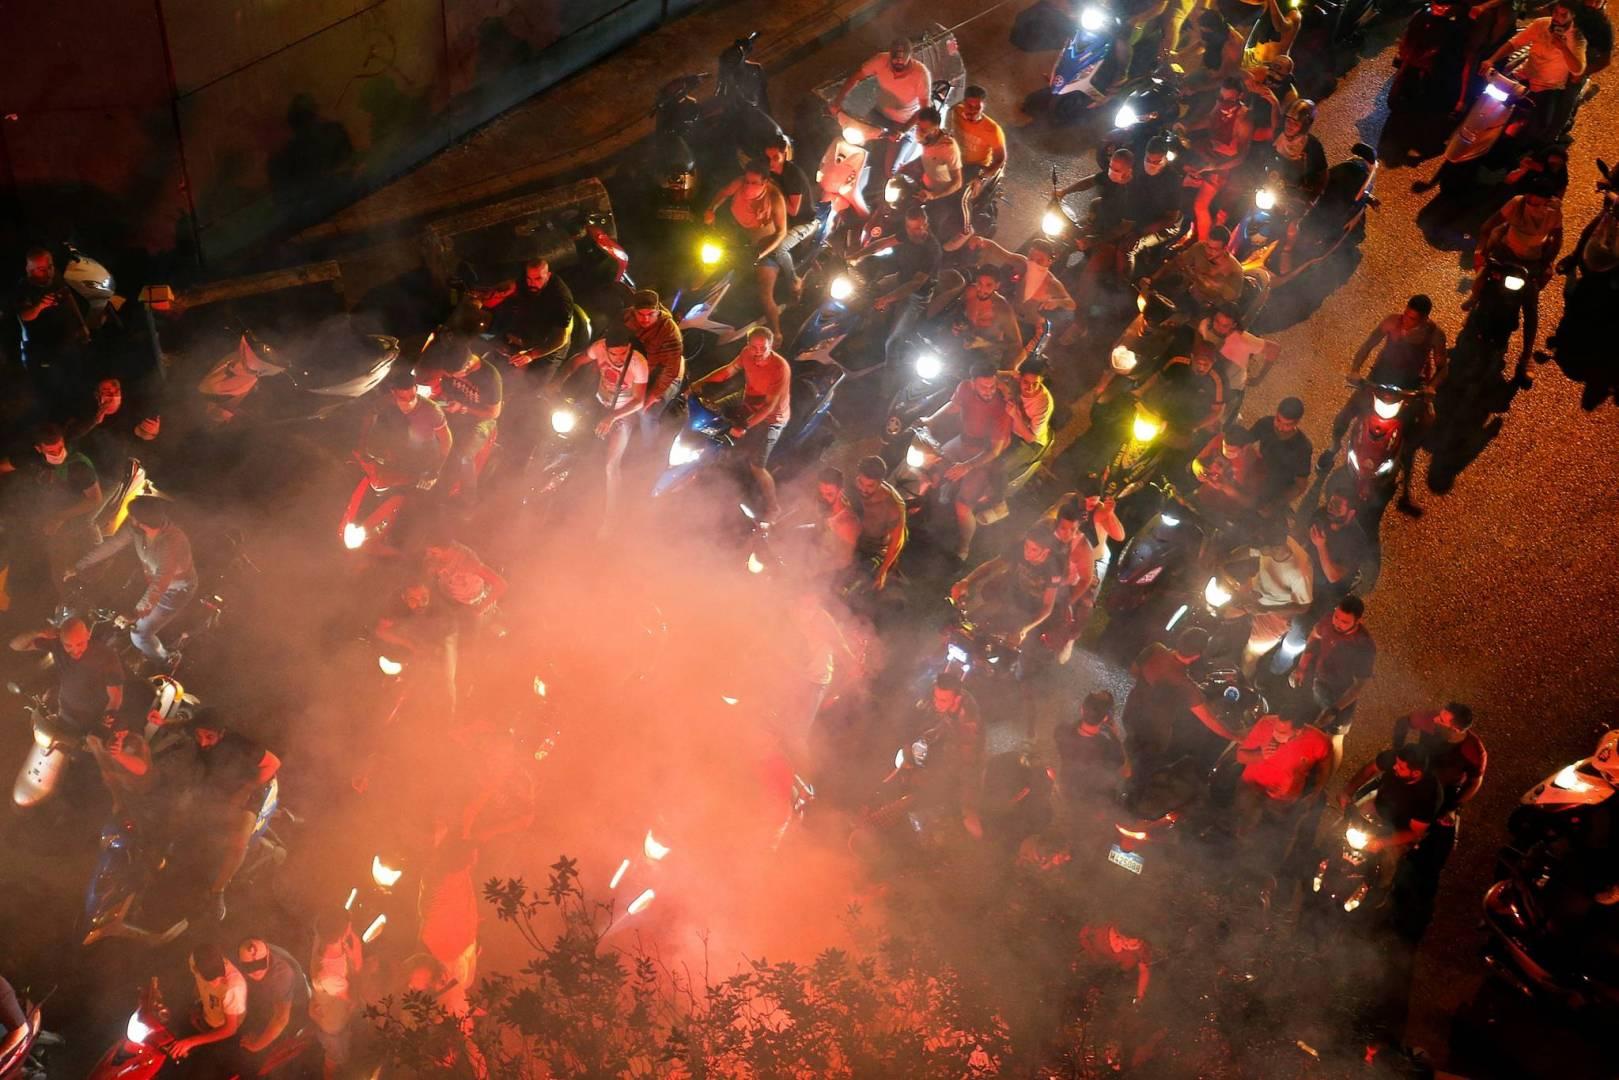 المتظاهرون في لبنان يطالبون القوى الأمنية بحماية المحتجين في مدينة صور